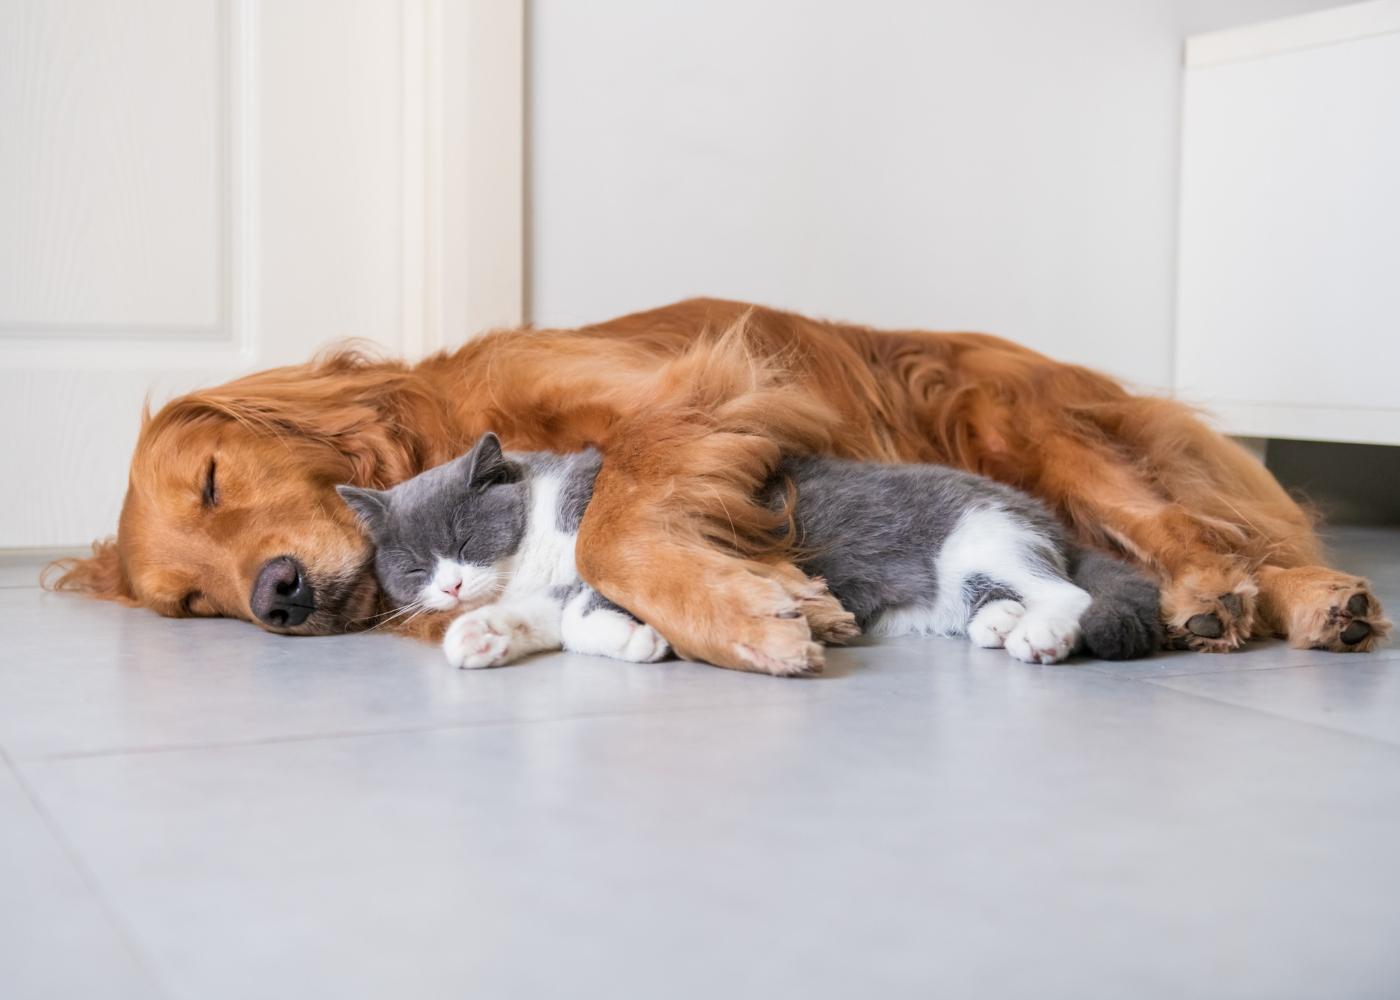 gato e cão a dormirem juntos no chão